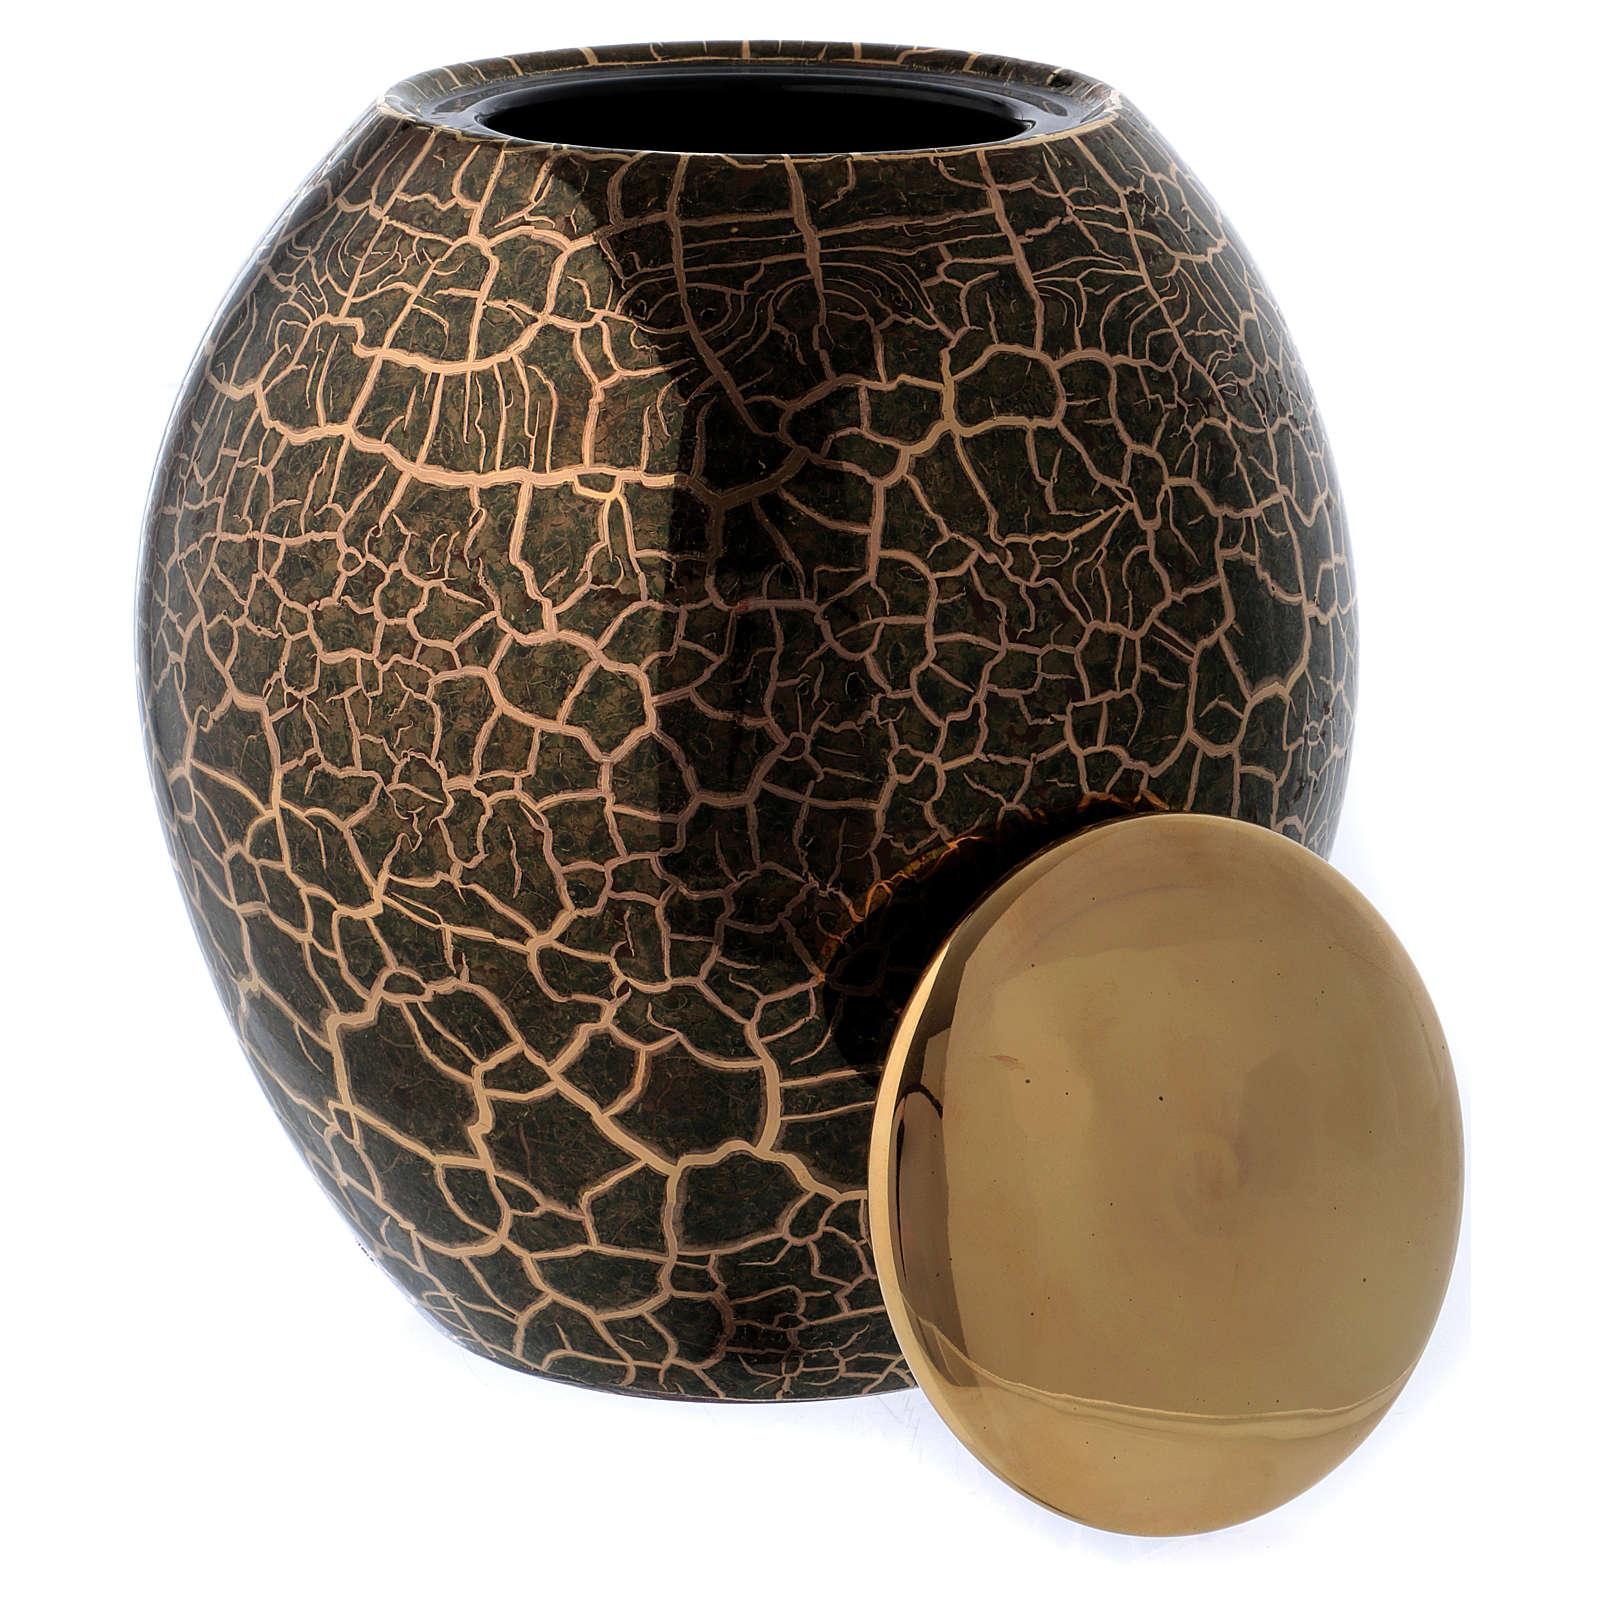 Urna pogrzebowa z efektem krakelury, ceramiczna (włoska manufaktura), sprzedaż bez limitów